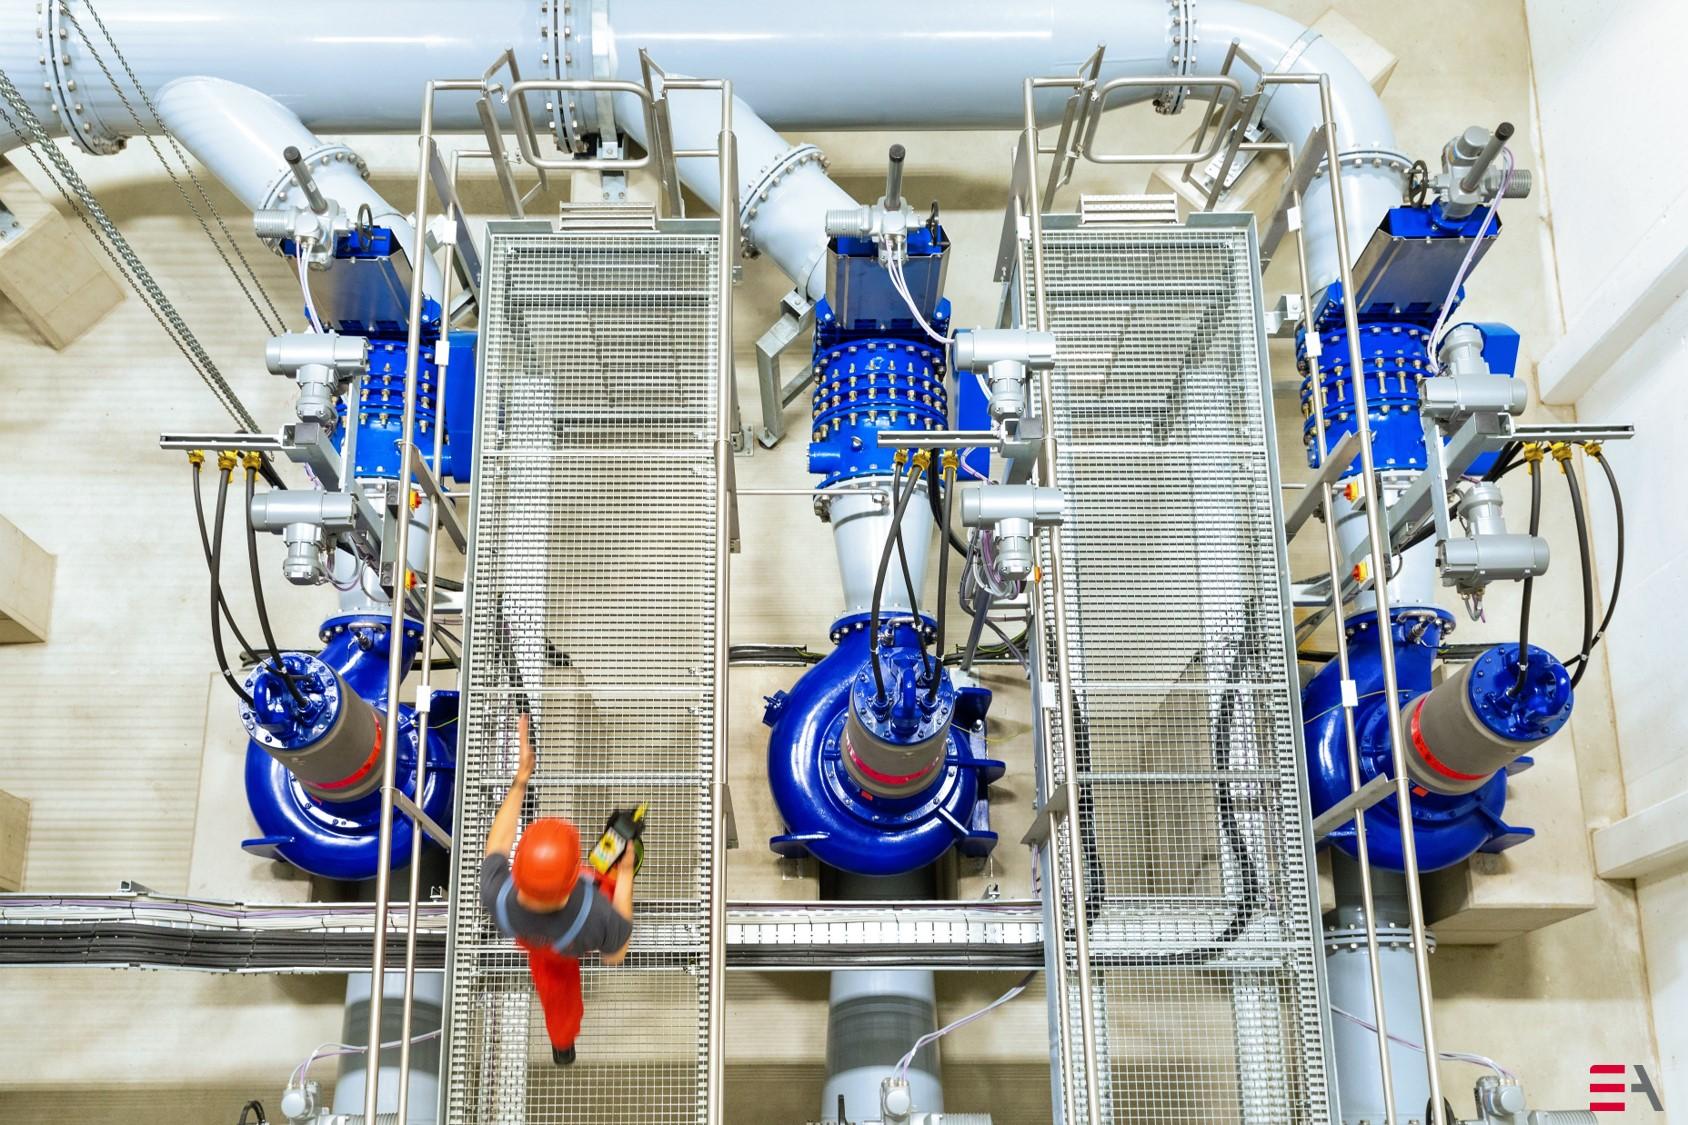 Linde-Gas-Anlagen, Komplettinstrumentierung verfahrenstechnischer Anlagen, Anschluss und Montage von Transmittern